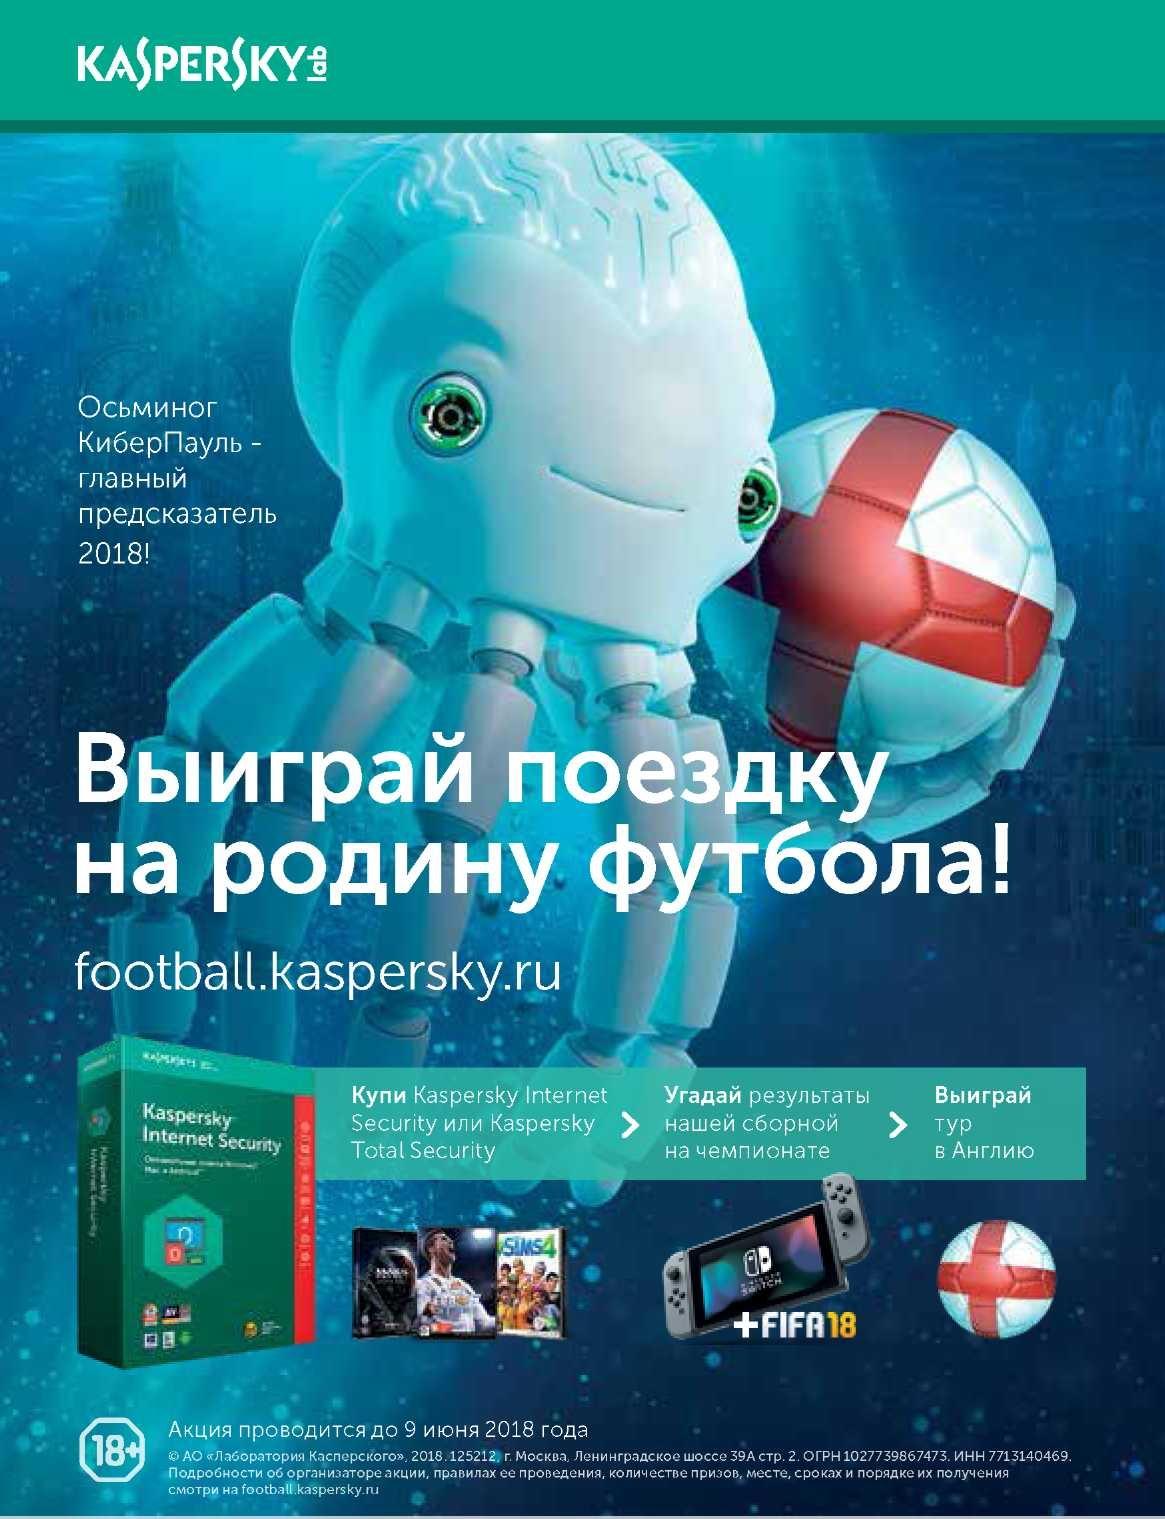 Купить Kaspersky Internet Security на 5 устройств на 1 год RU